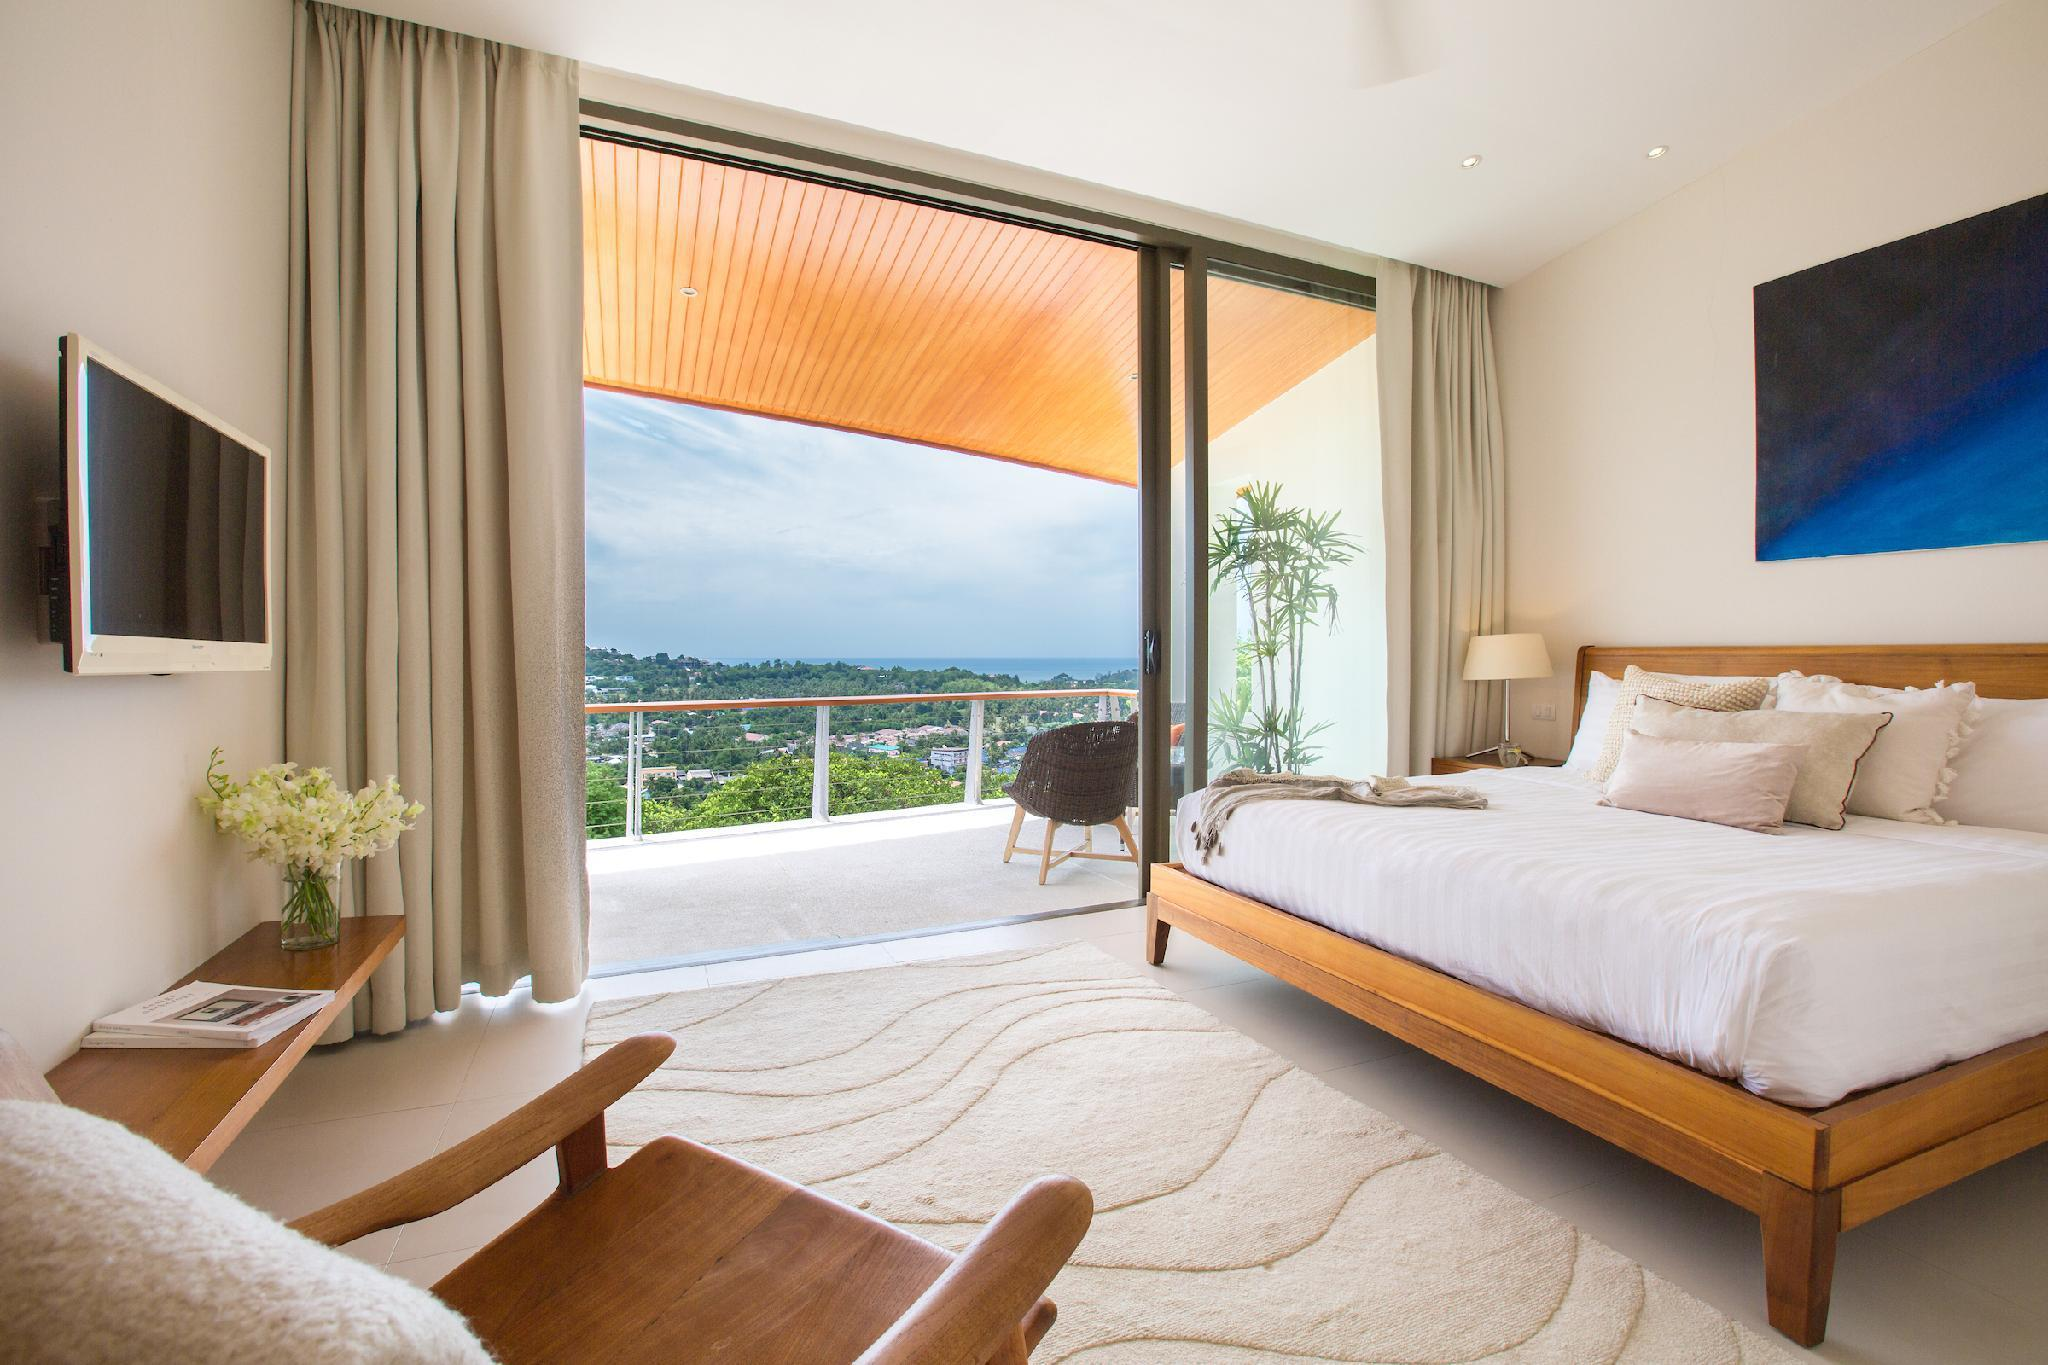 ZeRidge 5 Villa วิลลา 3 ห้องนอน 3 ห้องน้ำส่วนตัว ขนาด 295 ตร.ม. – เชิงมน